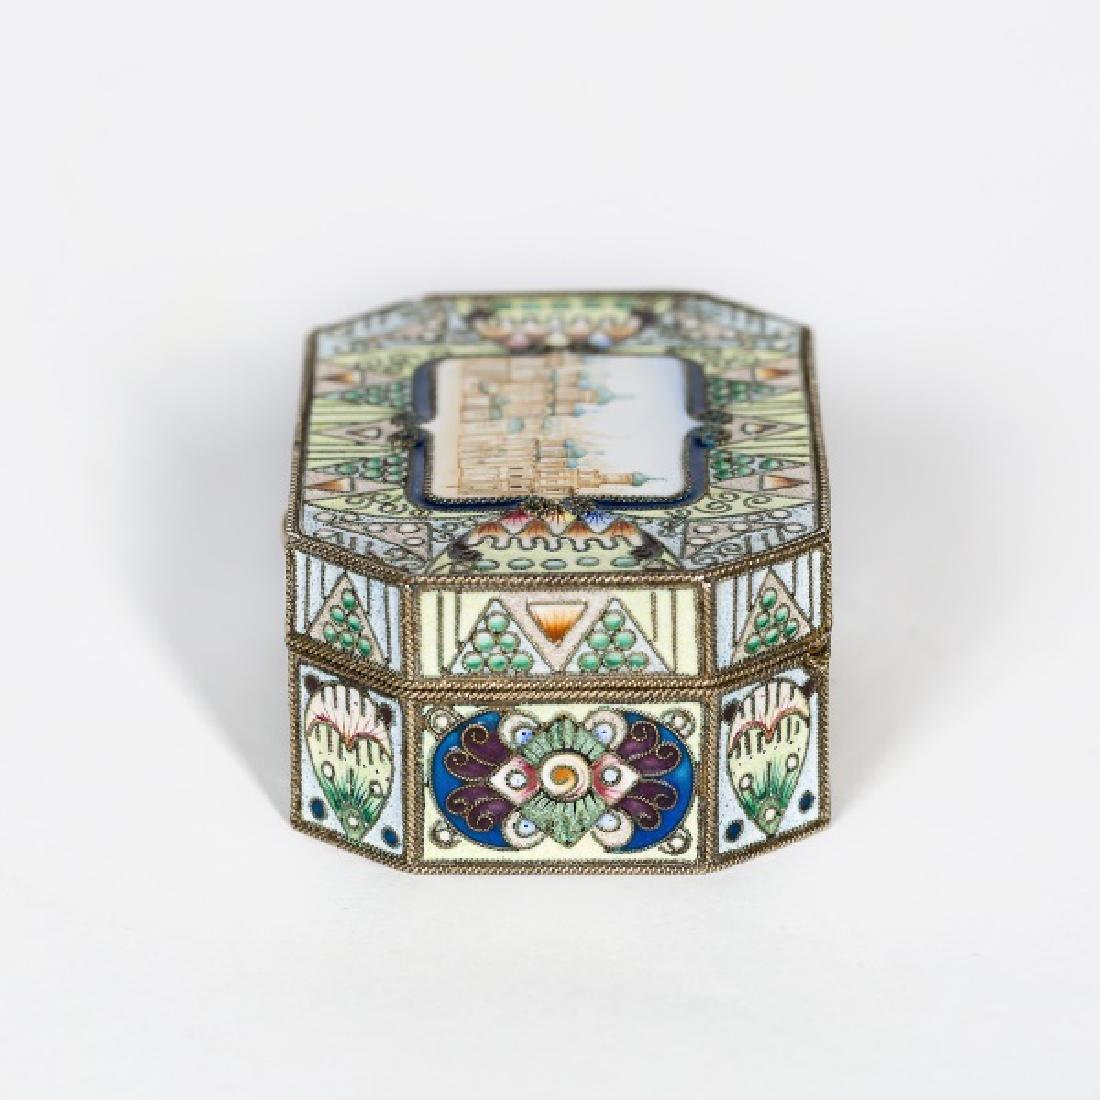 Faberge Silver Gilt Enamel Box, Feodor Ruckert - 4